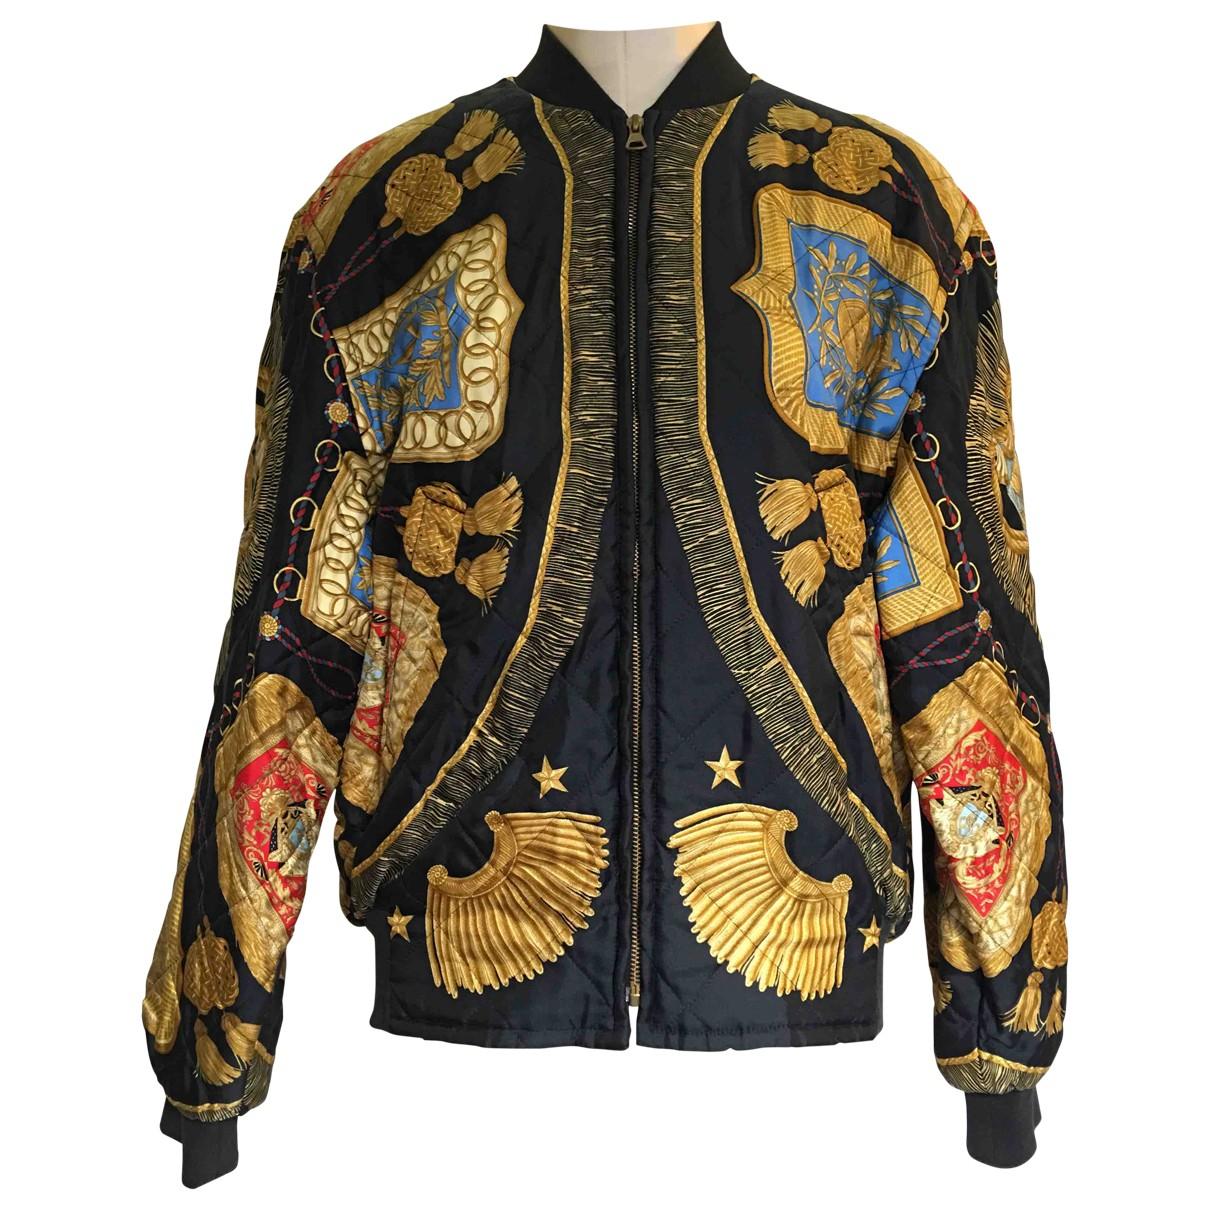 Hermes - Vestes.Blousons   pour homme en soie - multicolore